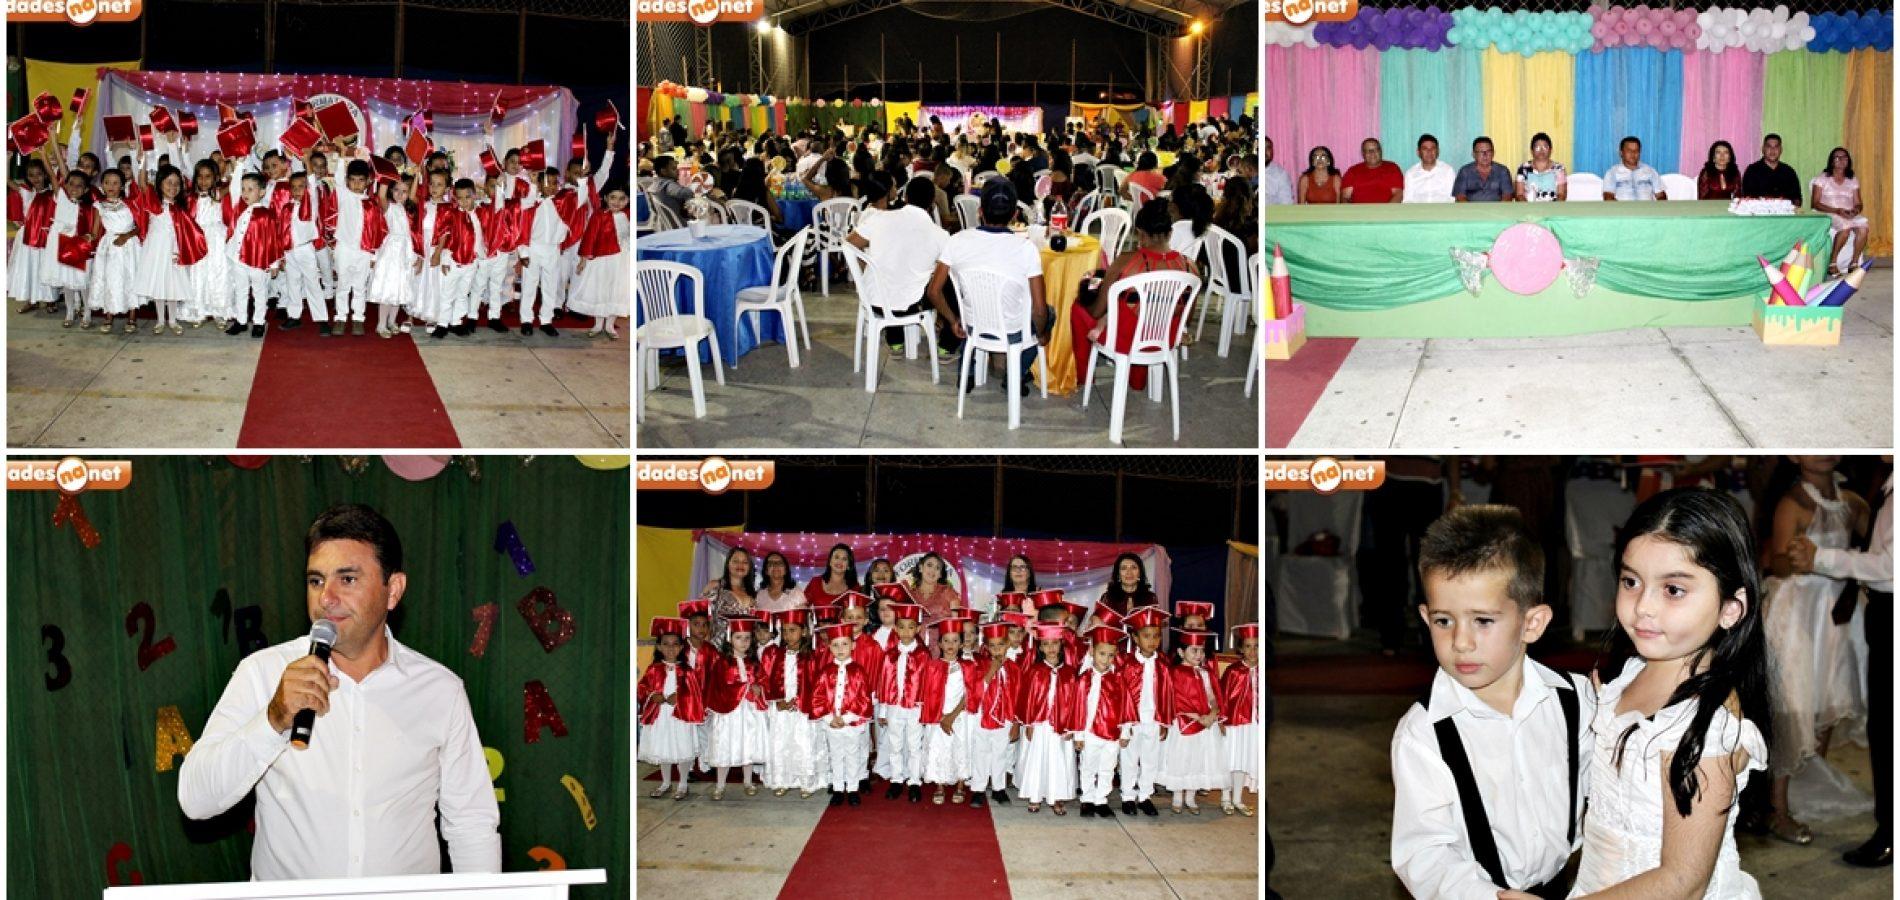 Confira as fotos da formatura dos Doutores do ABC da Escola Proinfância Ananias Maria de Alencar em Francisco Macedo